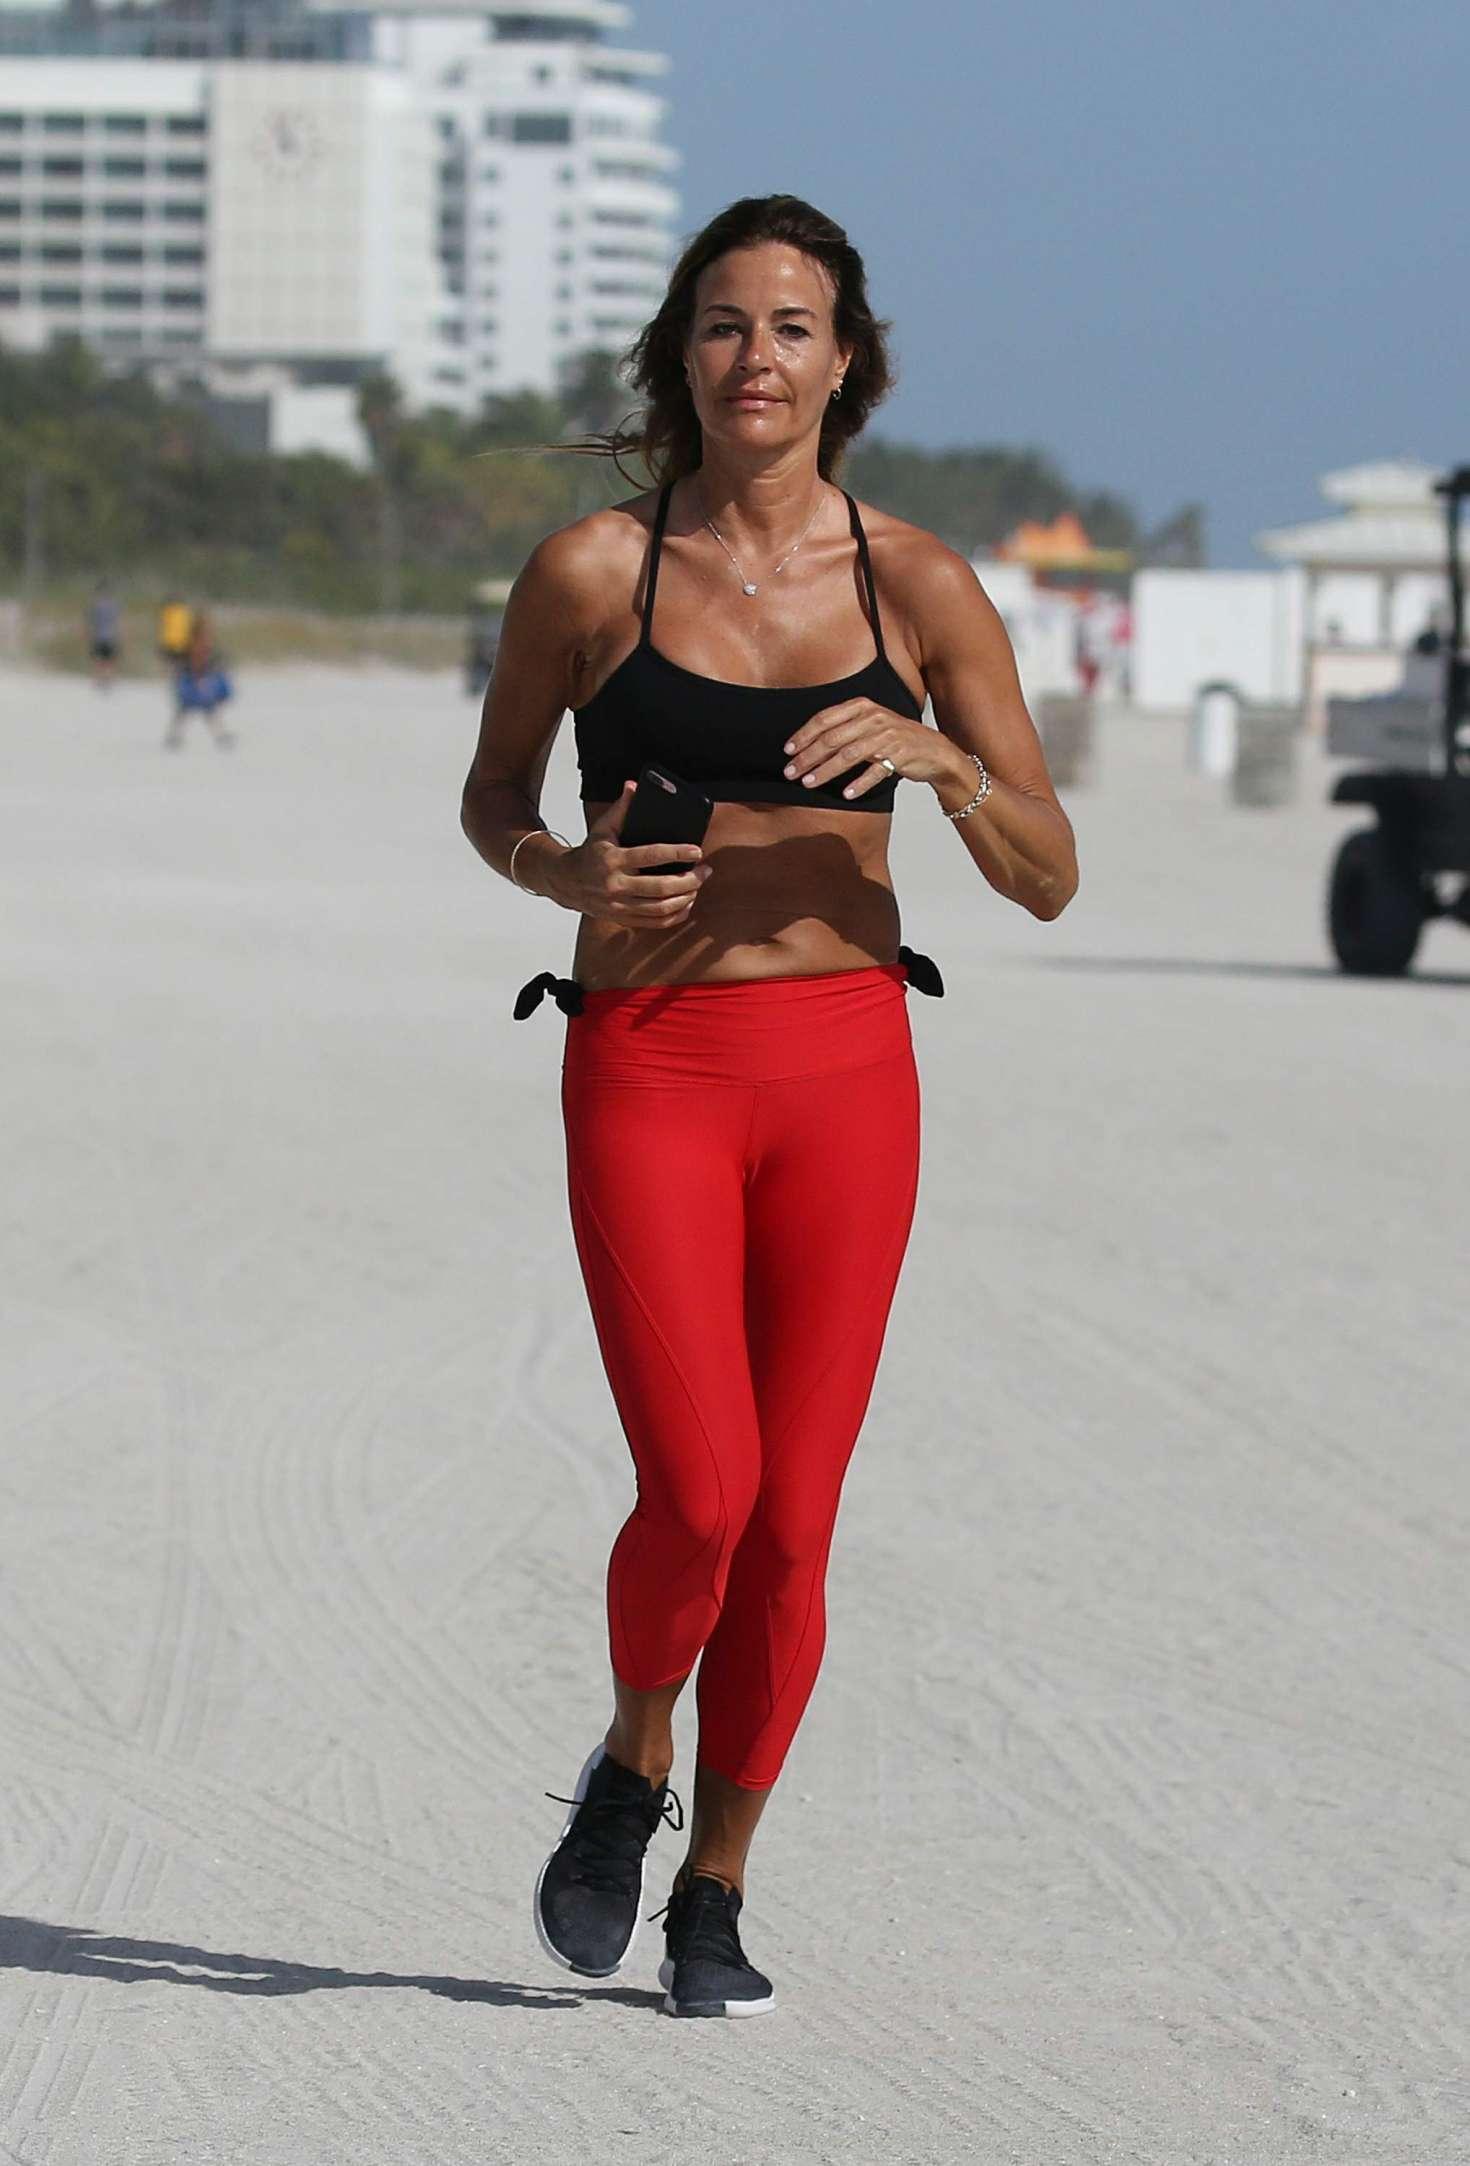 Kelly Bensimon 2019 : Kelly Bensimon in Red Tights -04